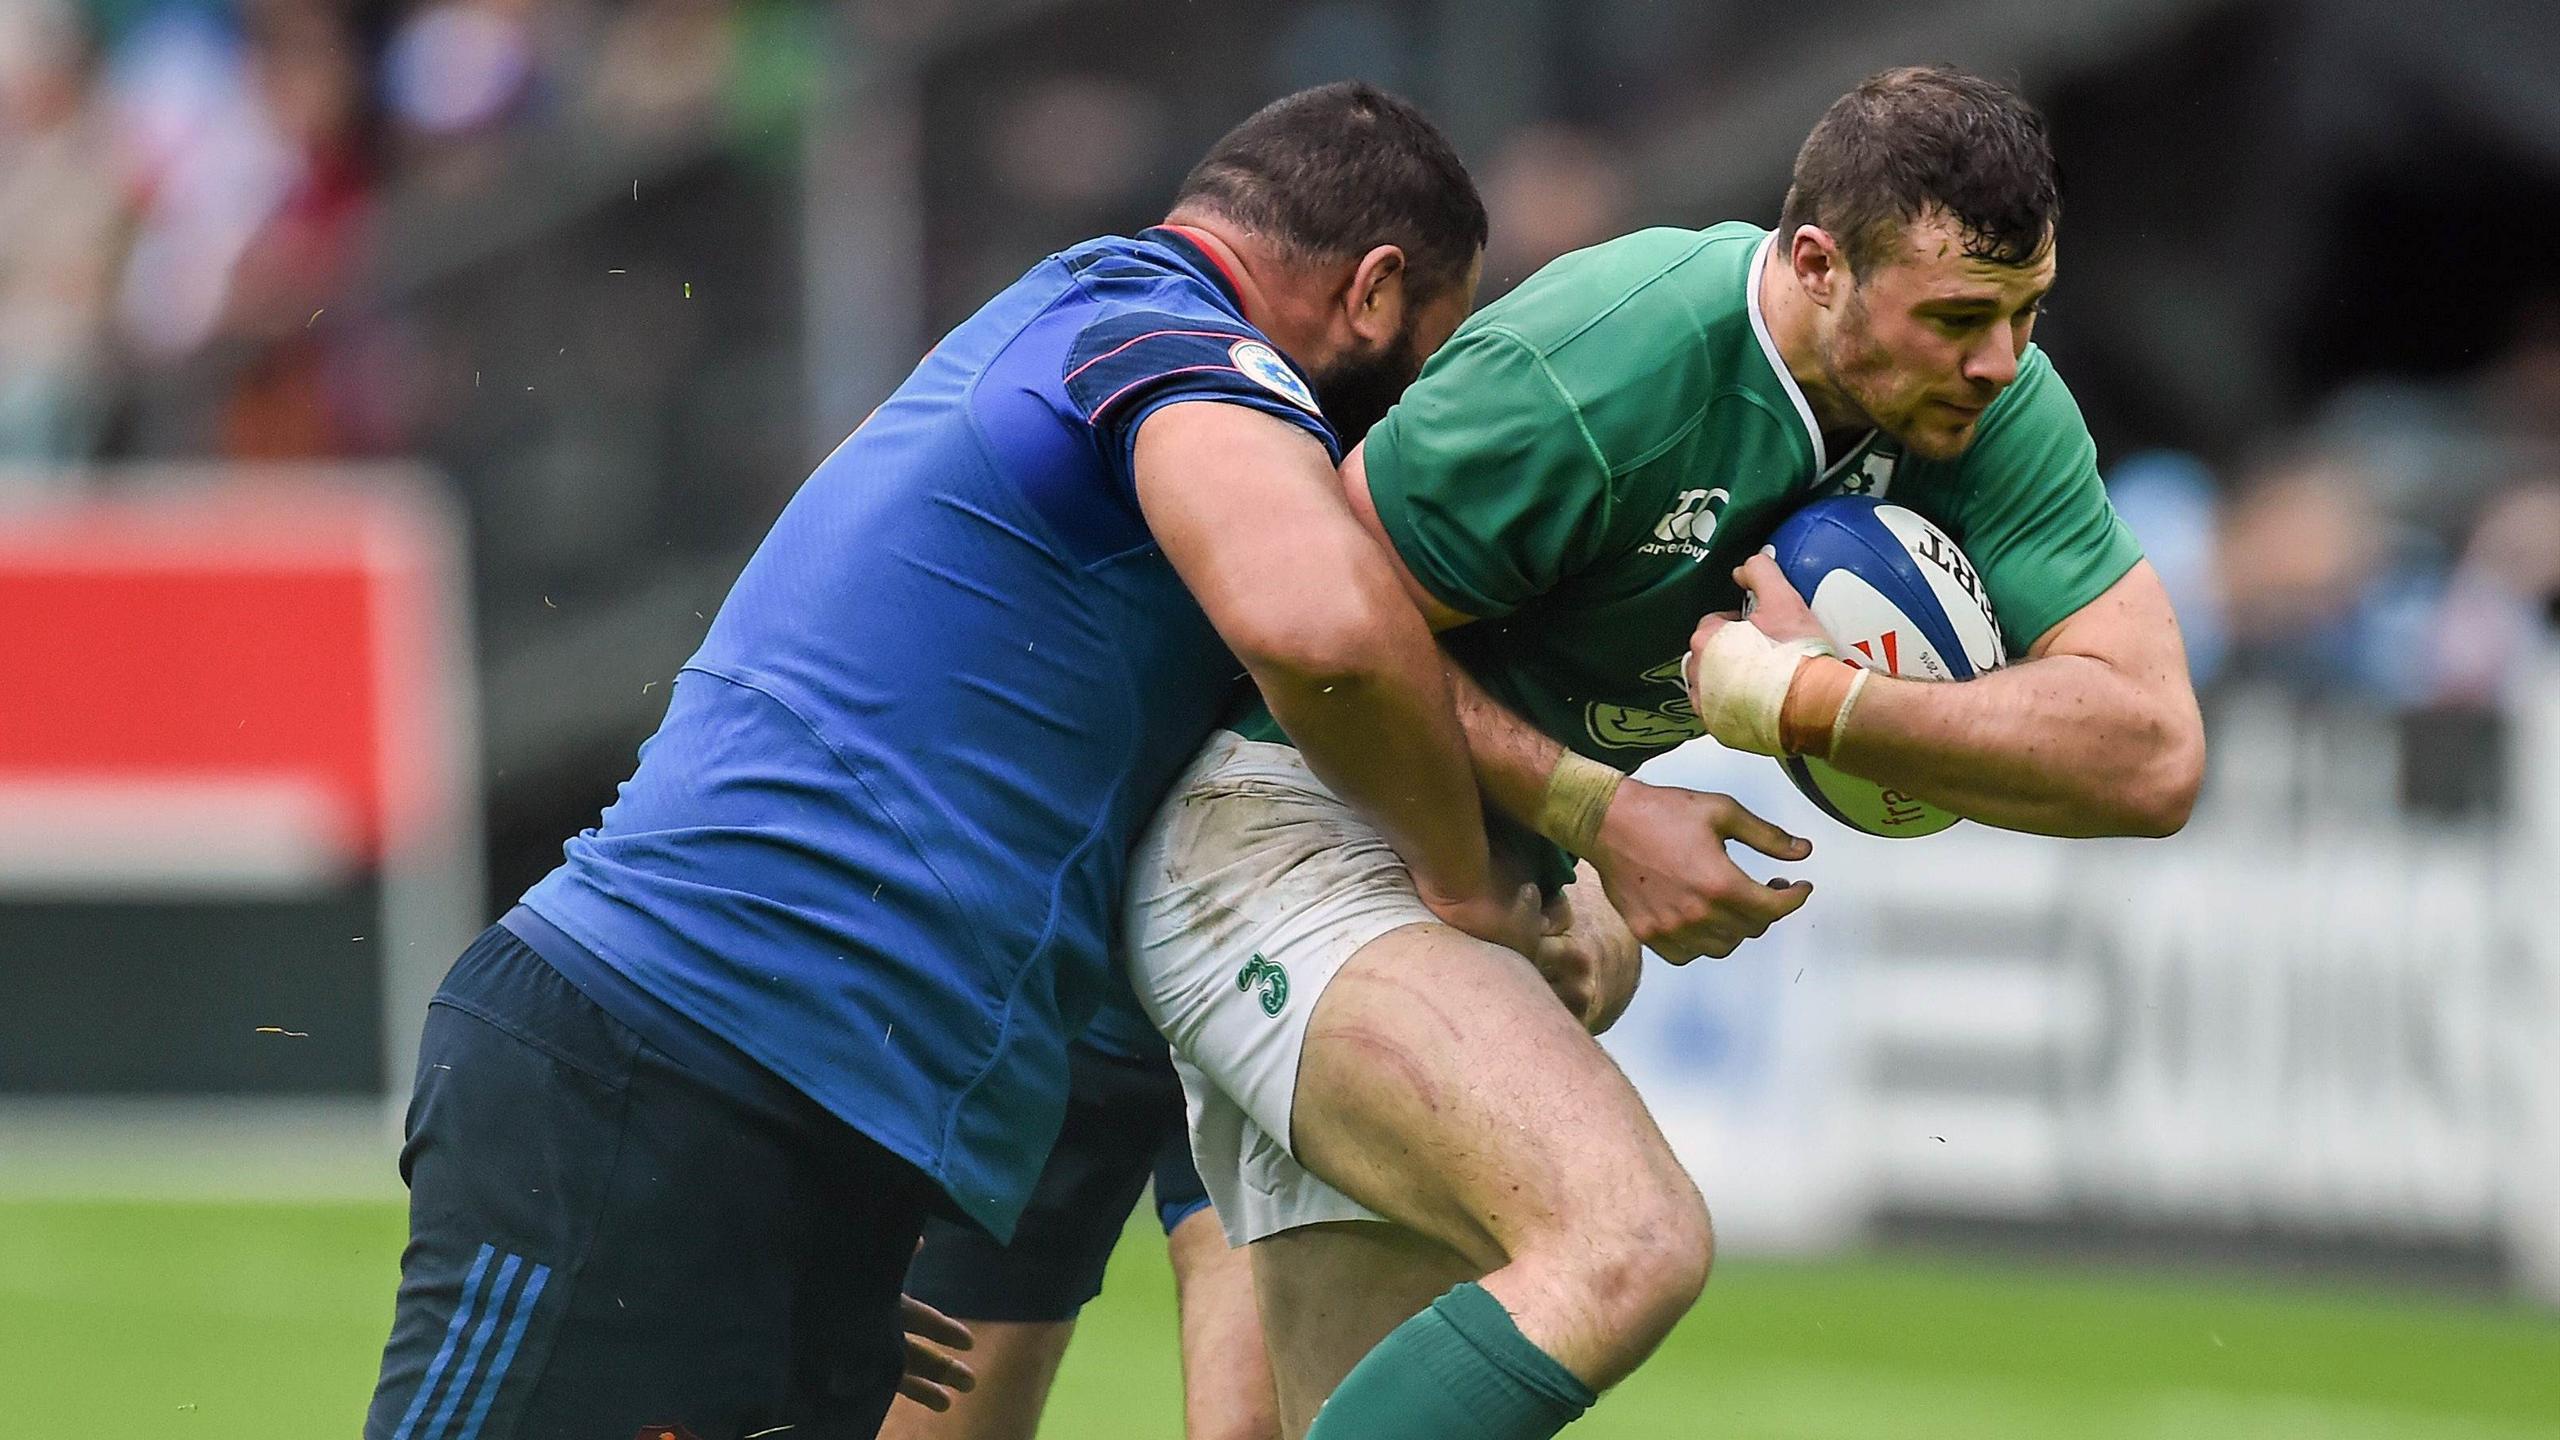 Uini Atonio (France) face à Robbie Henshaw (Irlande) - 13 février 2016